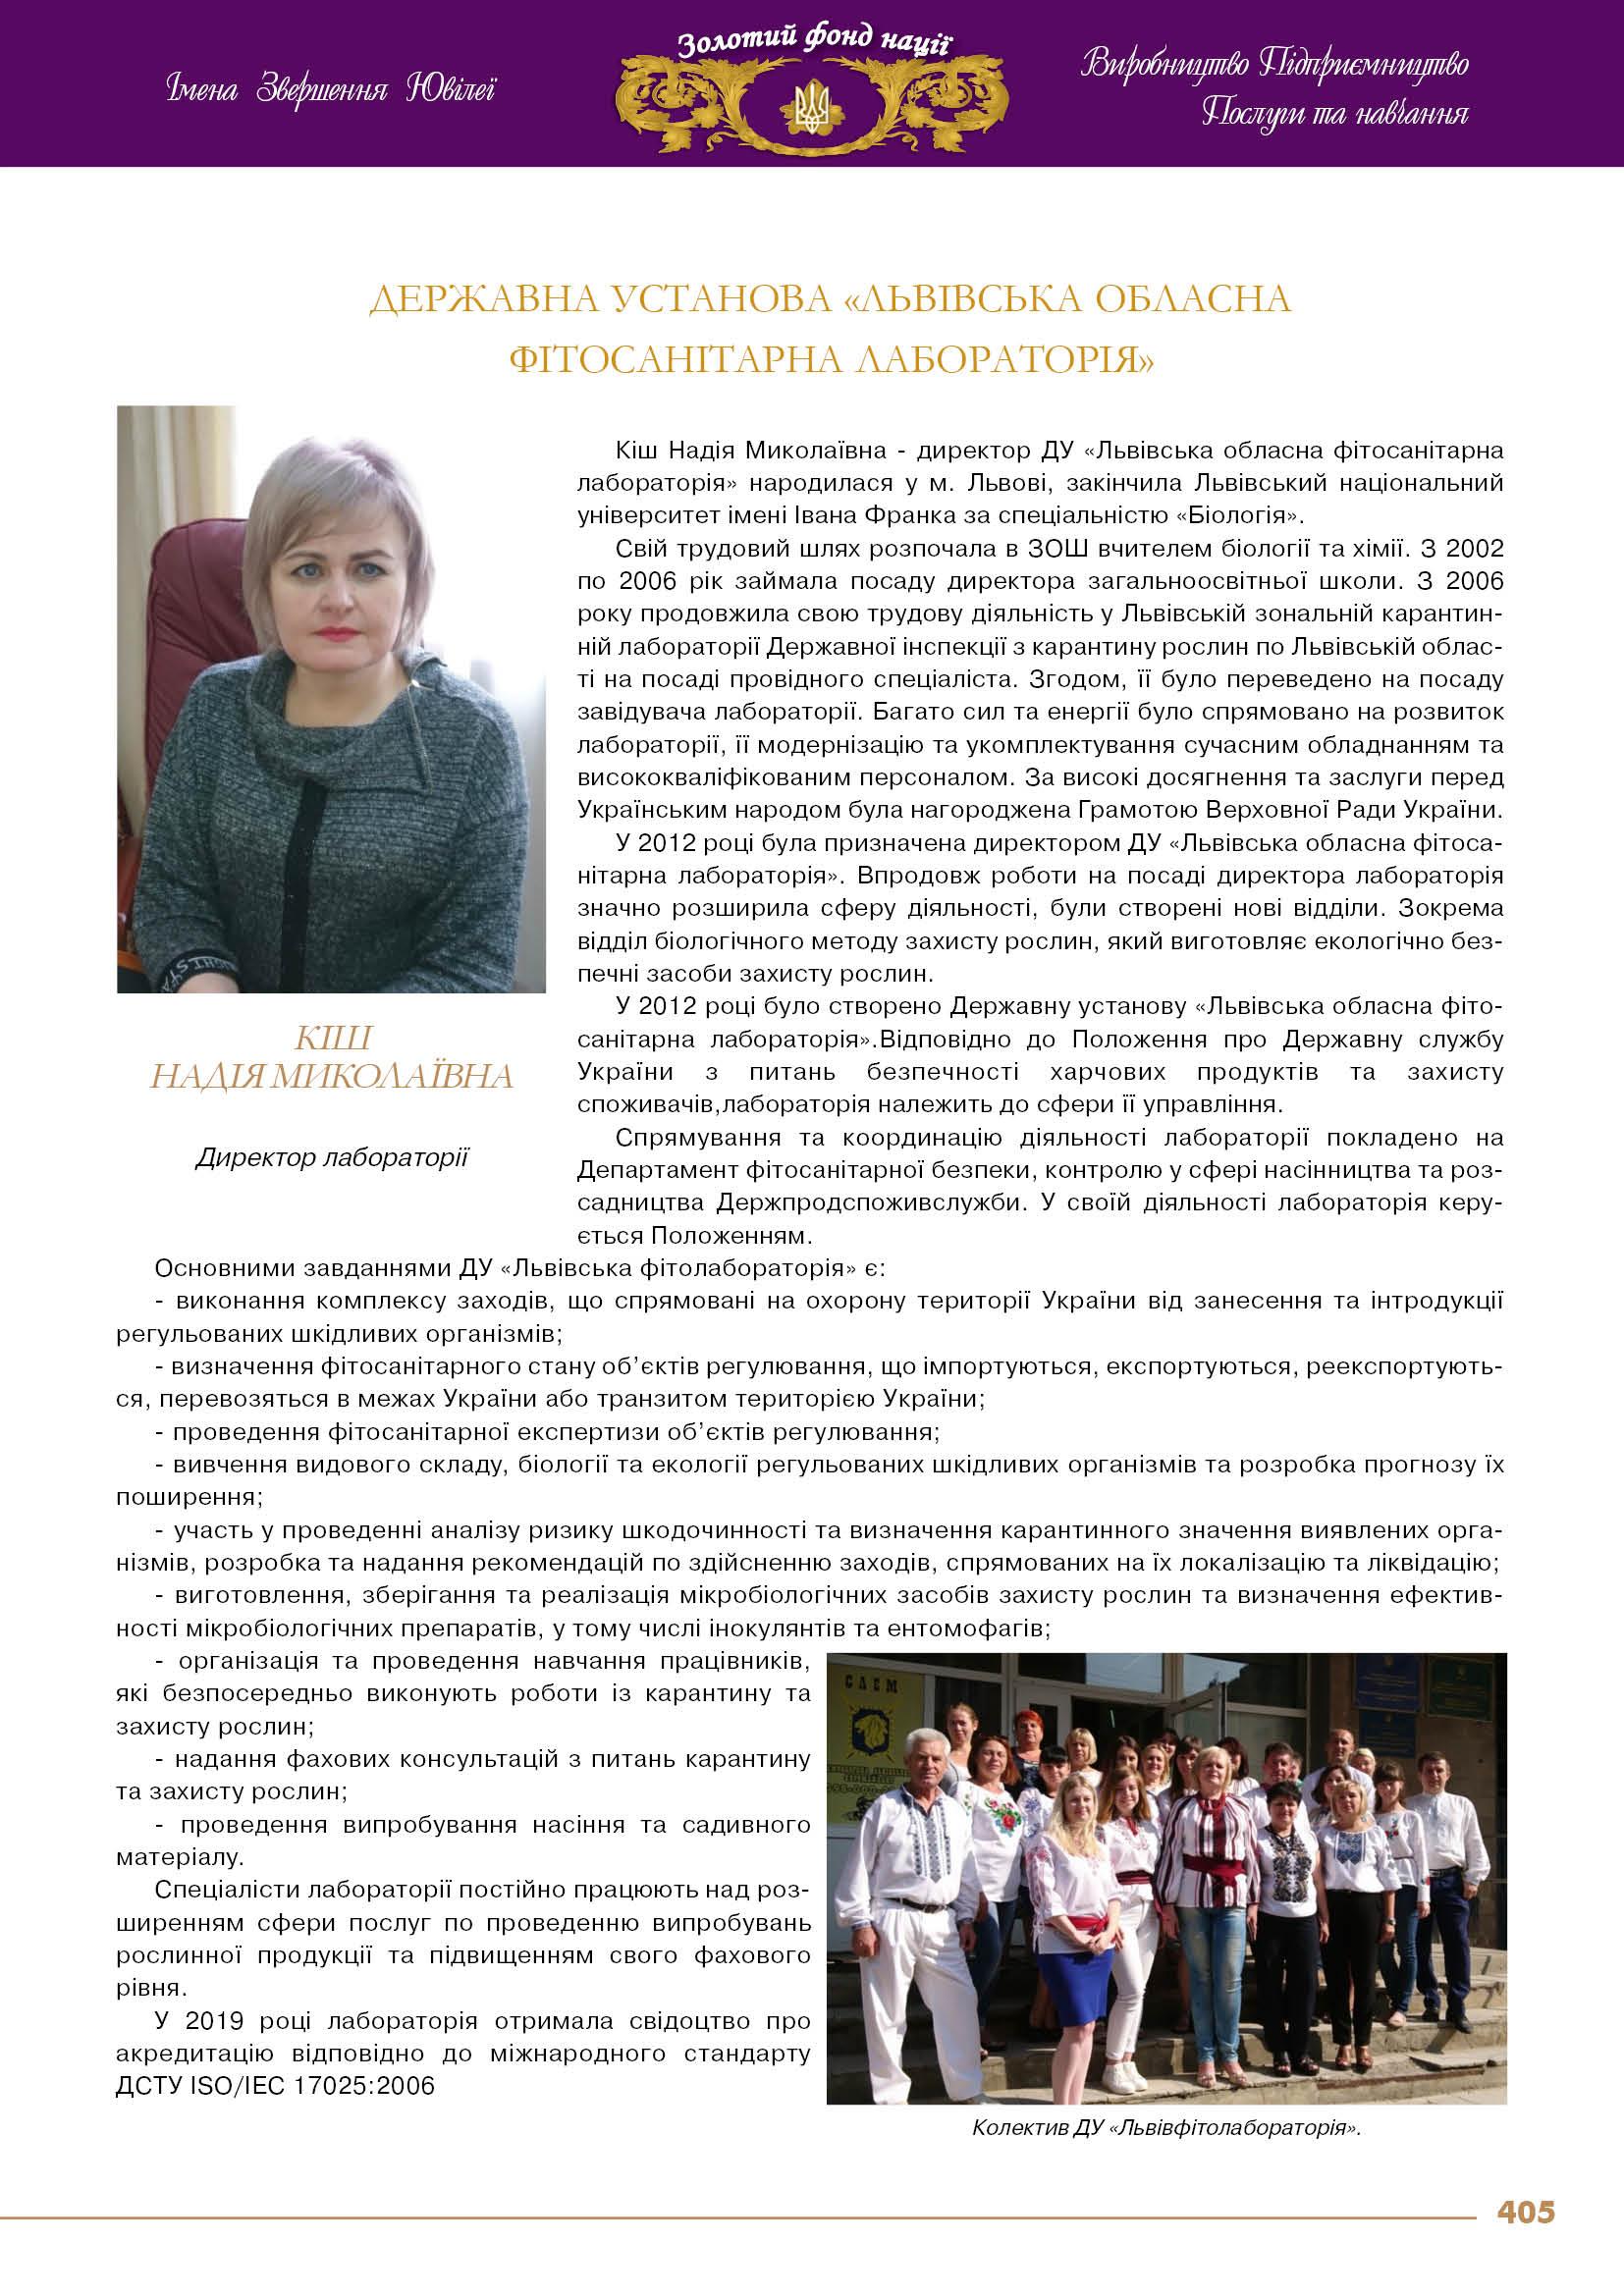 Кіш Надія Миколаївна